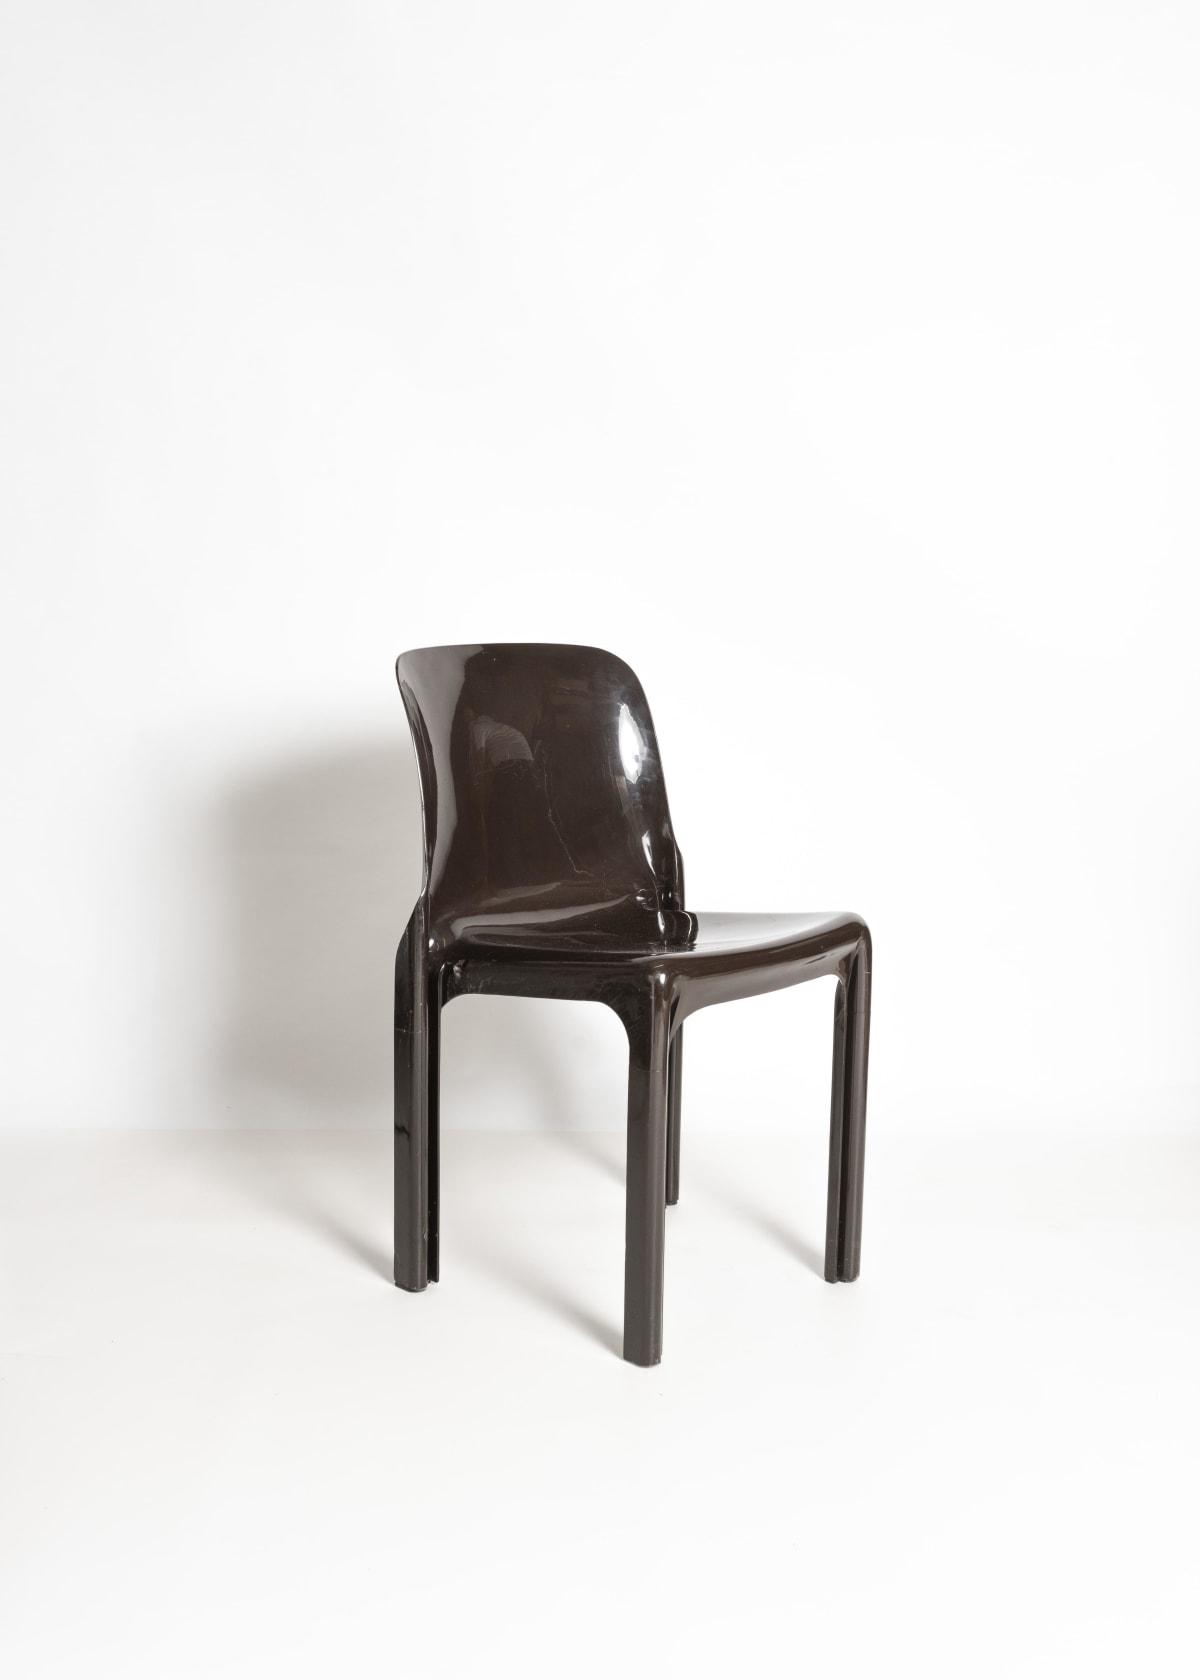 Vico Magistretti Dark brown 'Selene' chairs Designed 1969 For Artemide Moulded fibreglass Dimensions: 75 x 47 x 47 cm